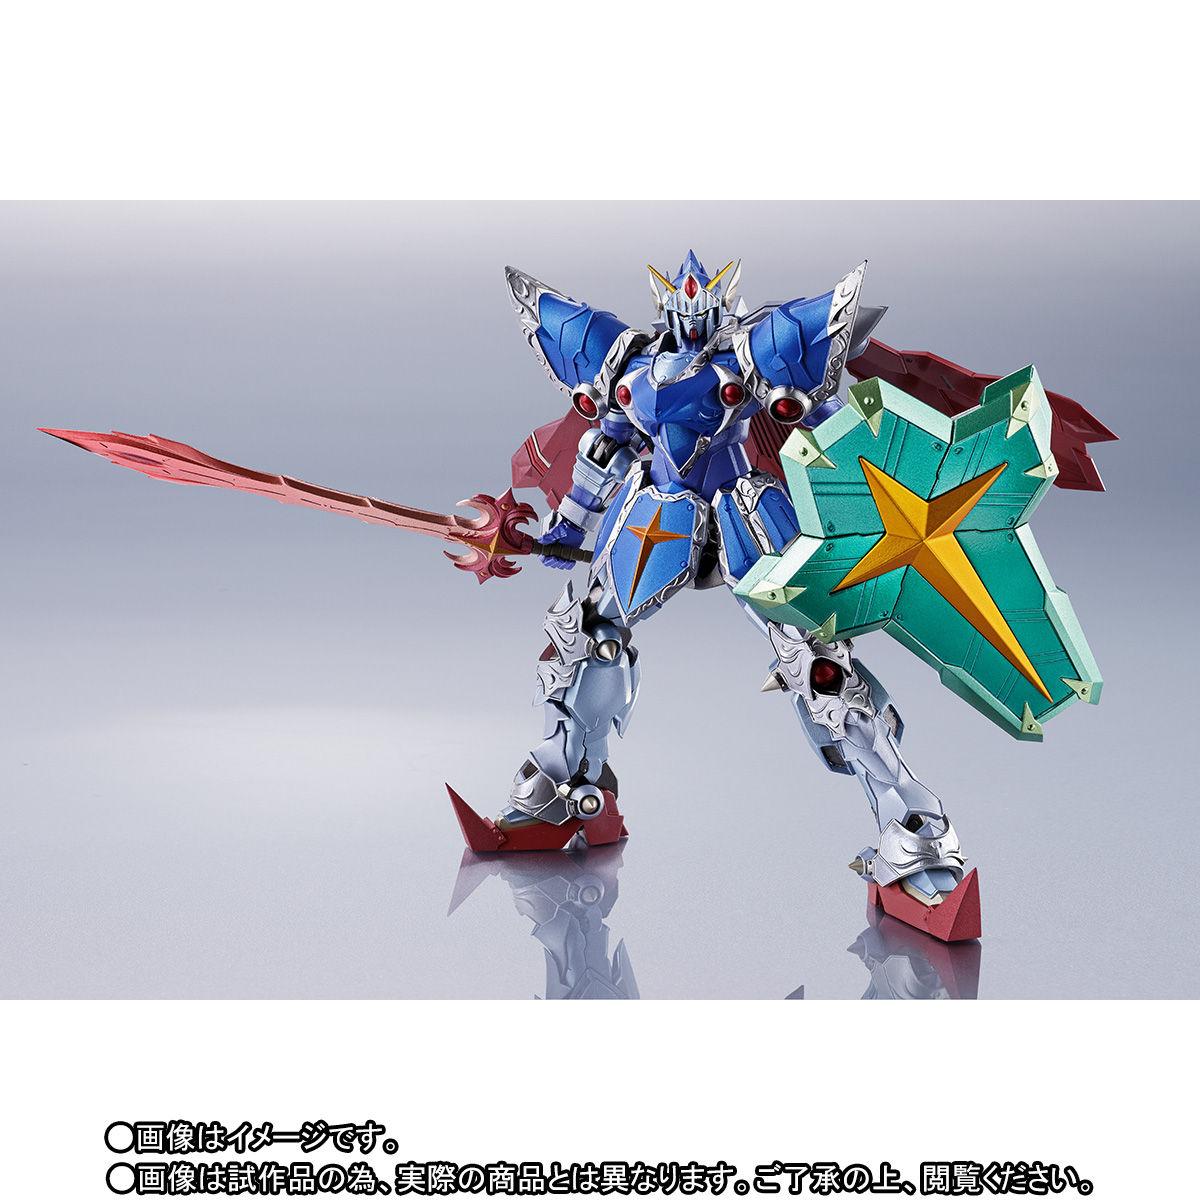 METAL ROBOT魂〈SIDE MS〉『フルアーマー騎士ガンダム(リアルタイプver.)|SDガンダム外伝』可動フィギュア-002